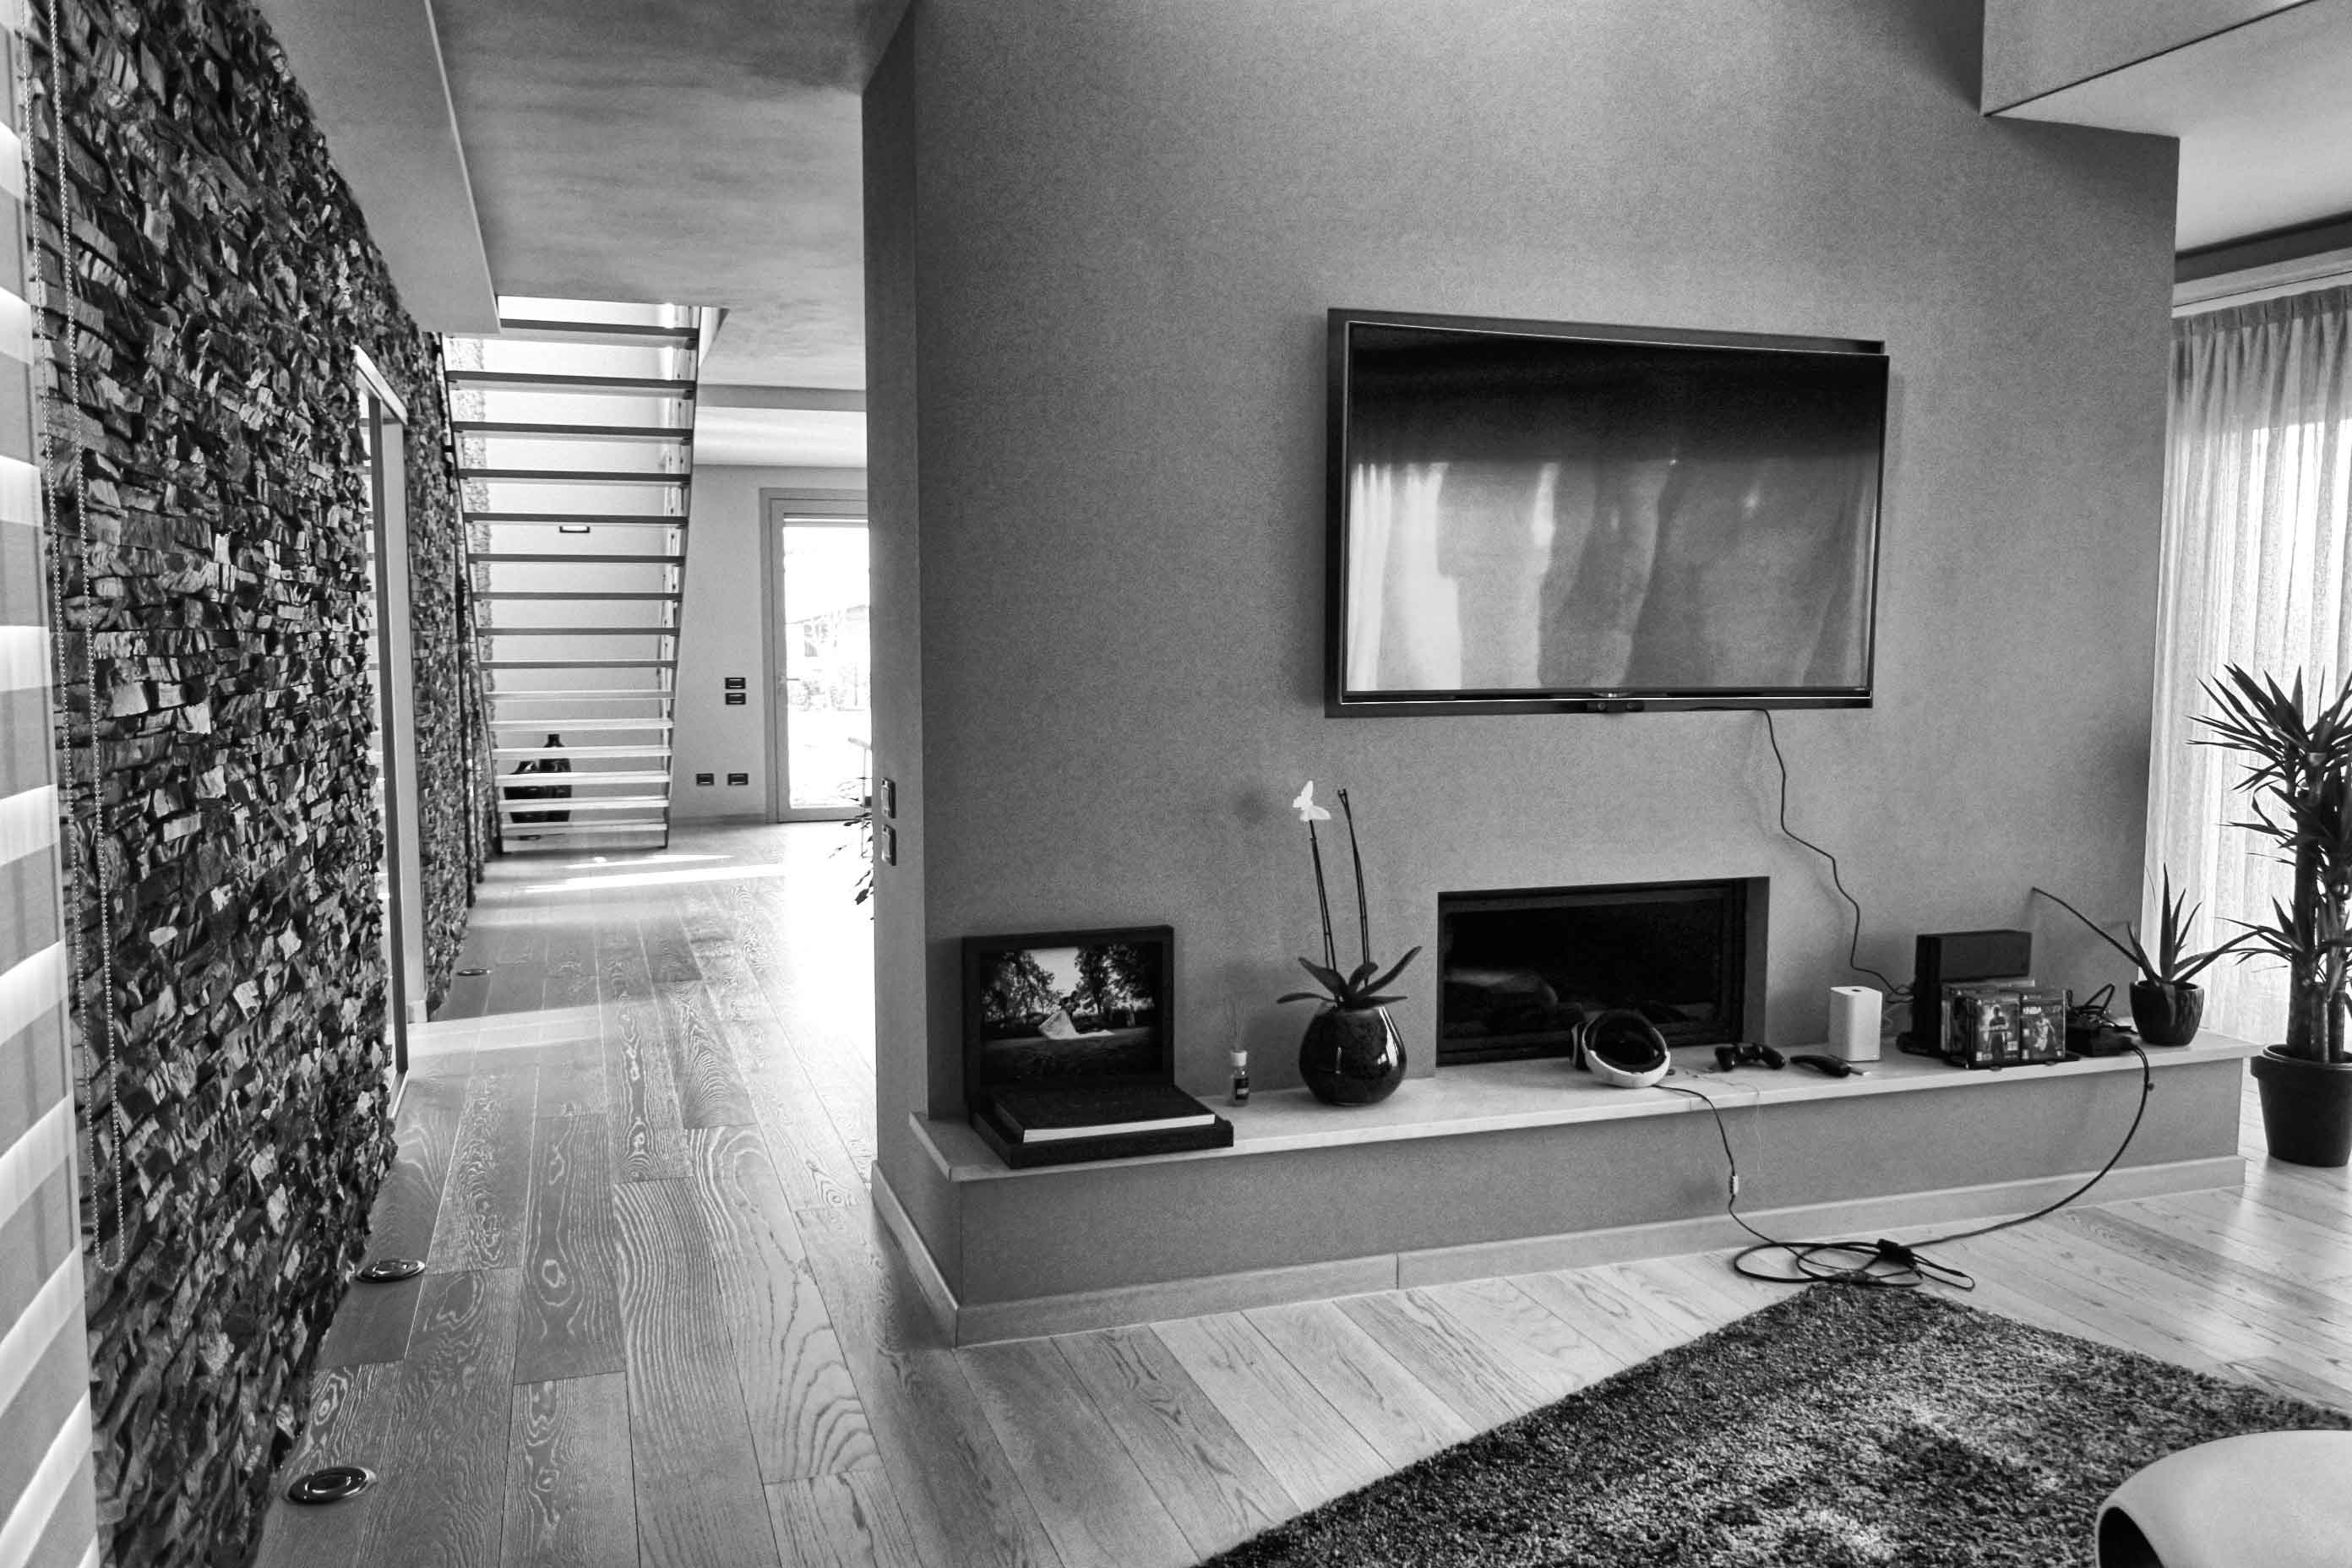 Architettura d interni residenziale luigi agazzi architetto for Consulenza architetto online